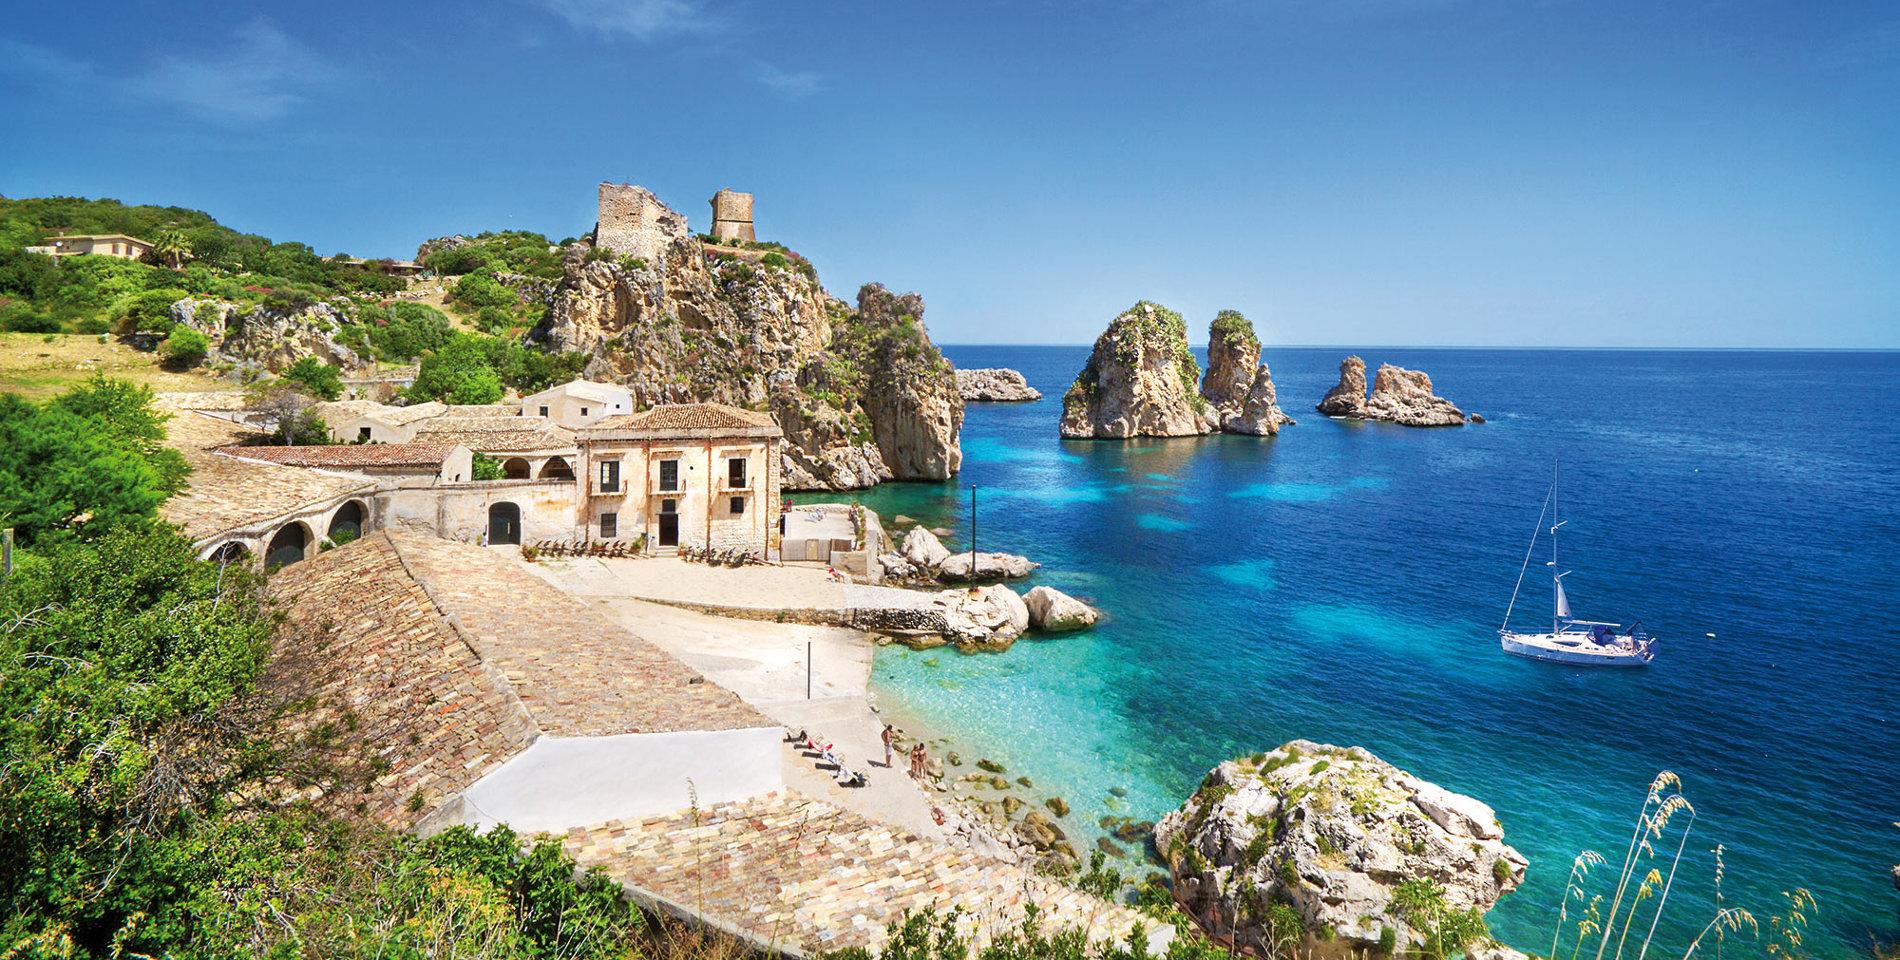 Vacanze Pantelleria: Volo A/R + 7 giorni in ottimo hotel 4* con ...